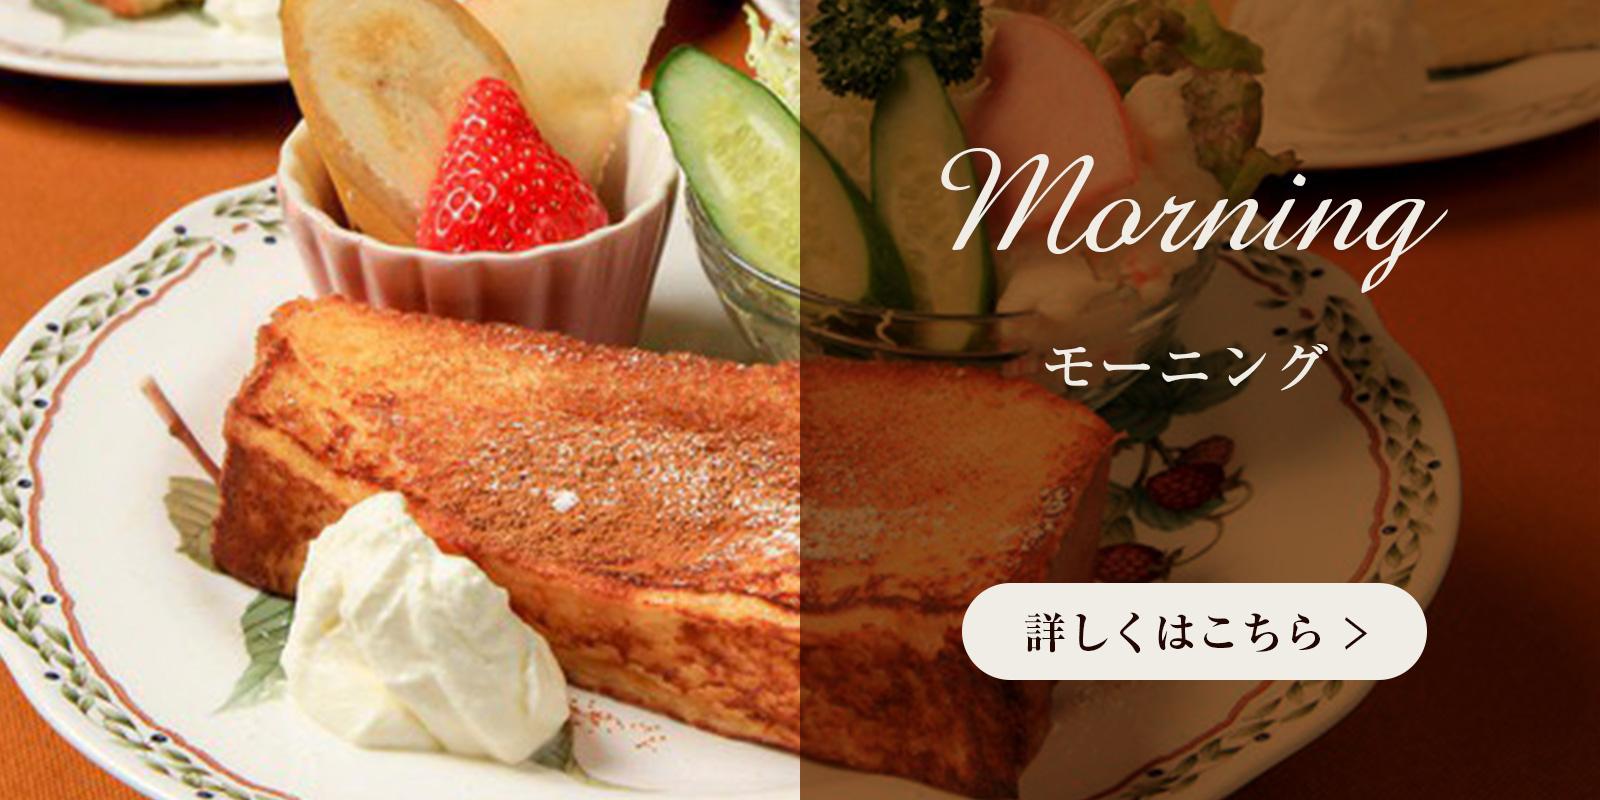 朝食モーニング